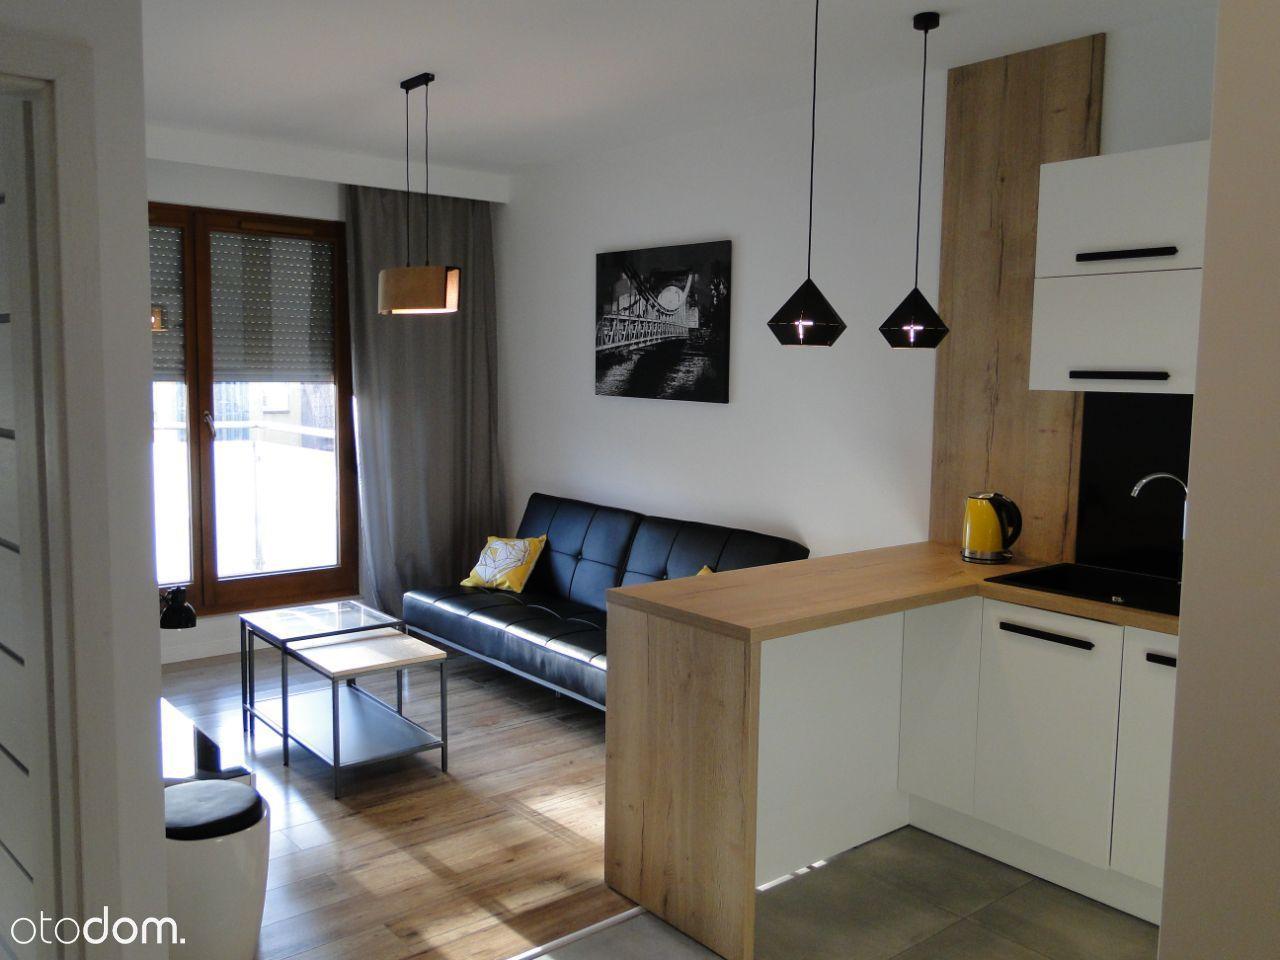 2-pokojowe mieszkanie w centrum Wrocławia